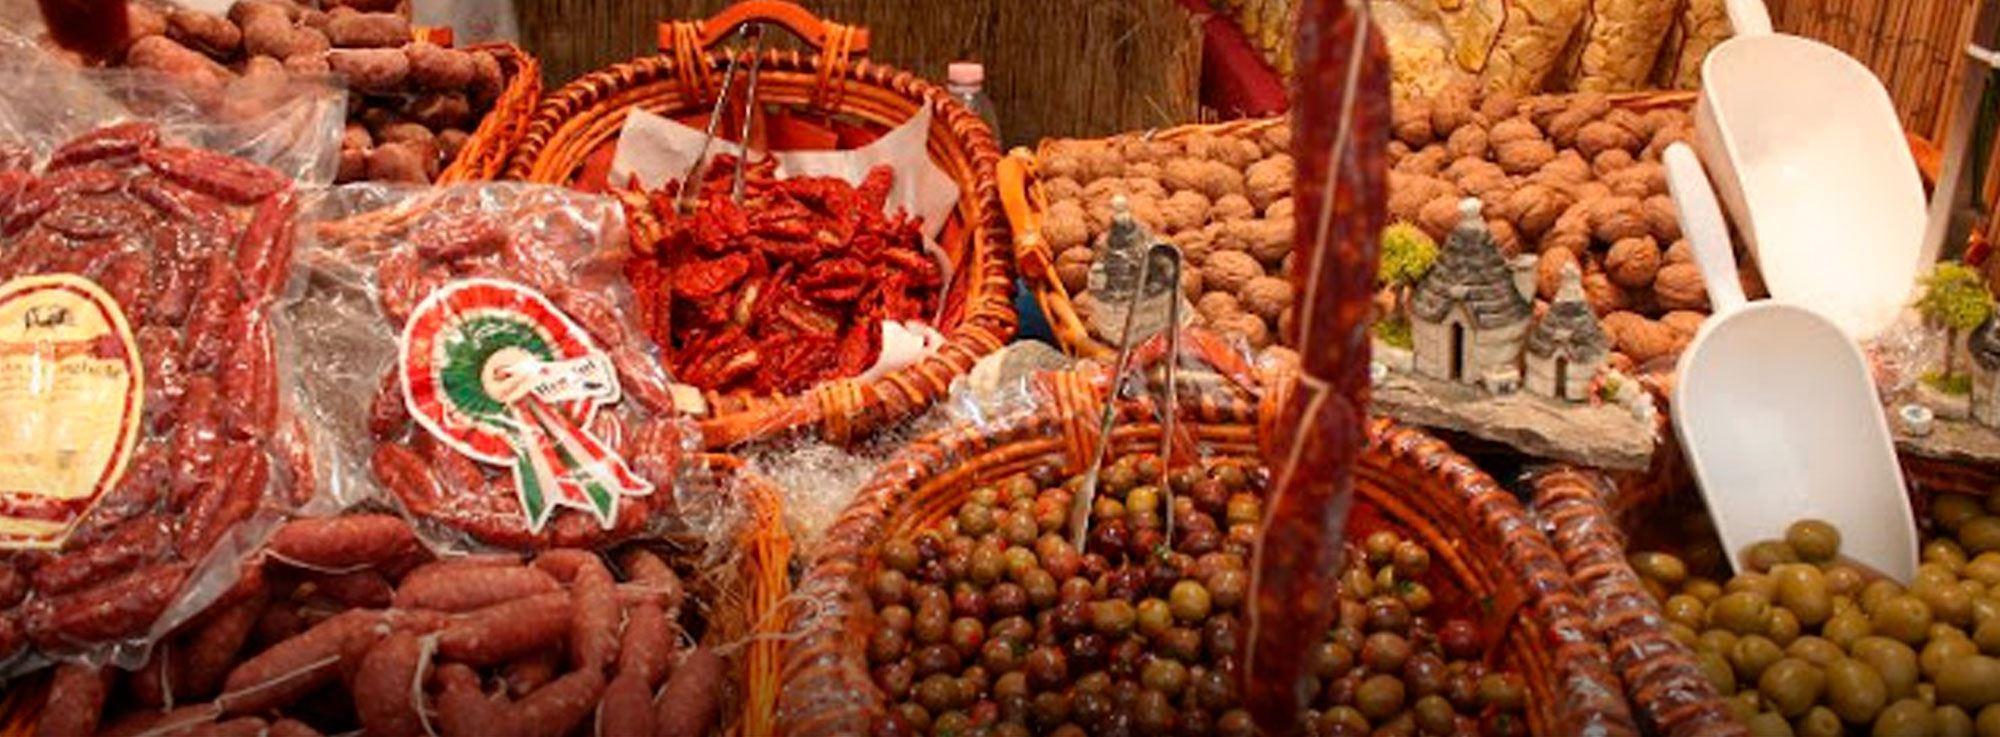 Lecce: Street Food Festival Giro di Gusto